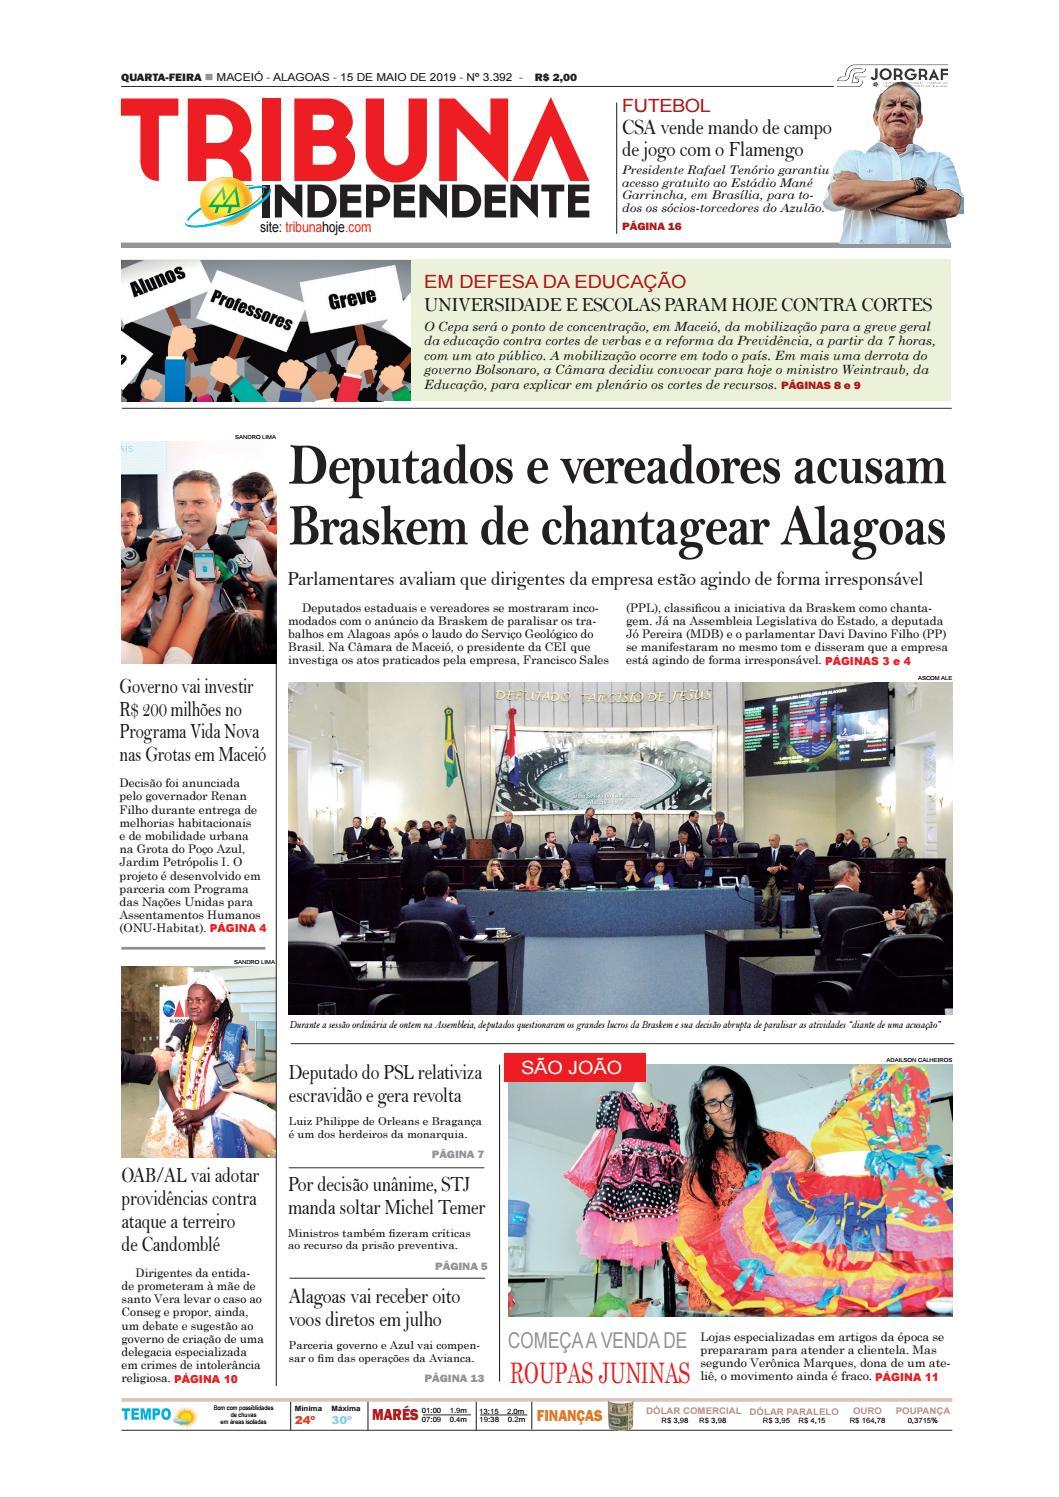 5cb30829d Edição número 3392 - 15 de maio de 2019 by Tribuna Hoje - issuu